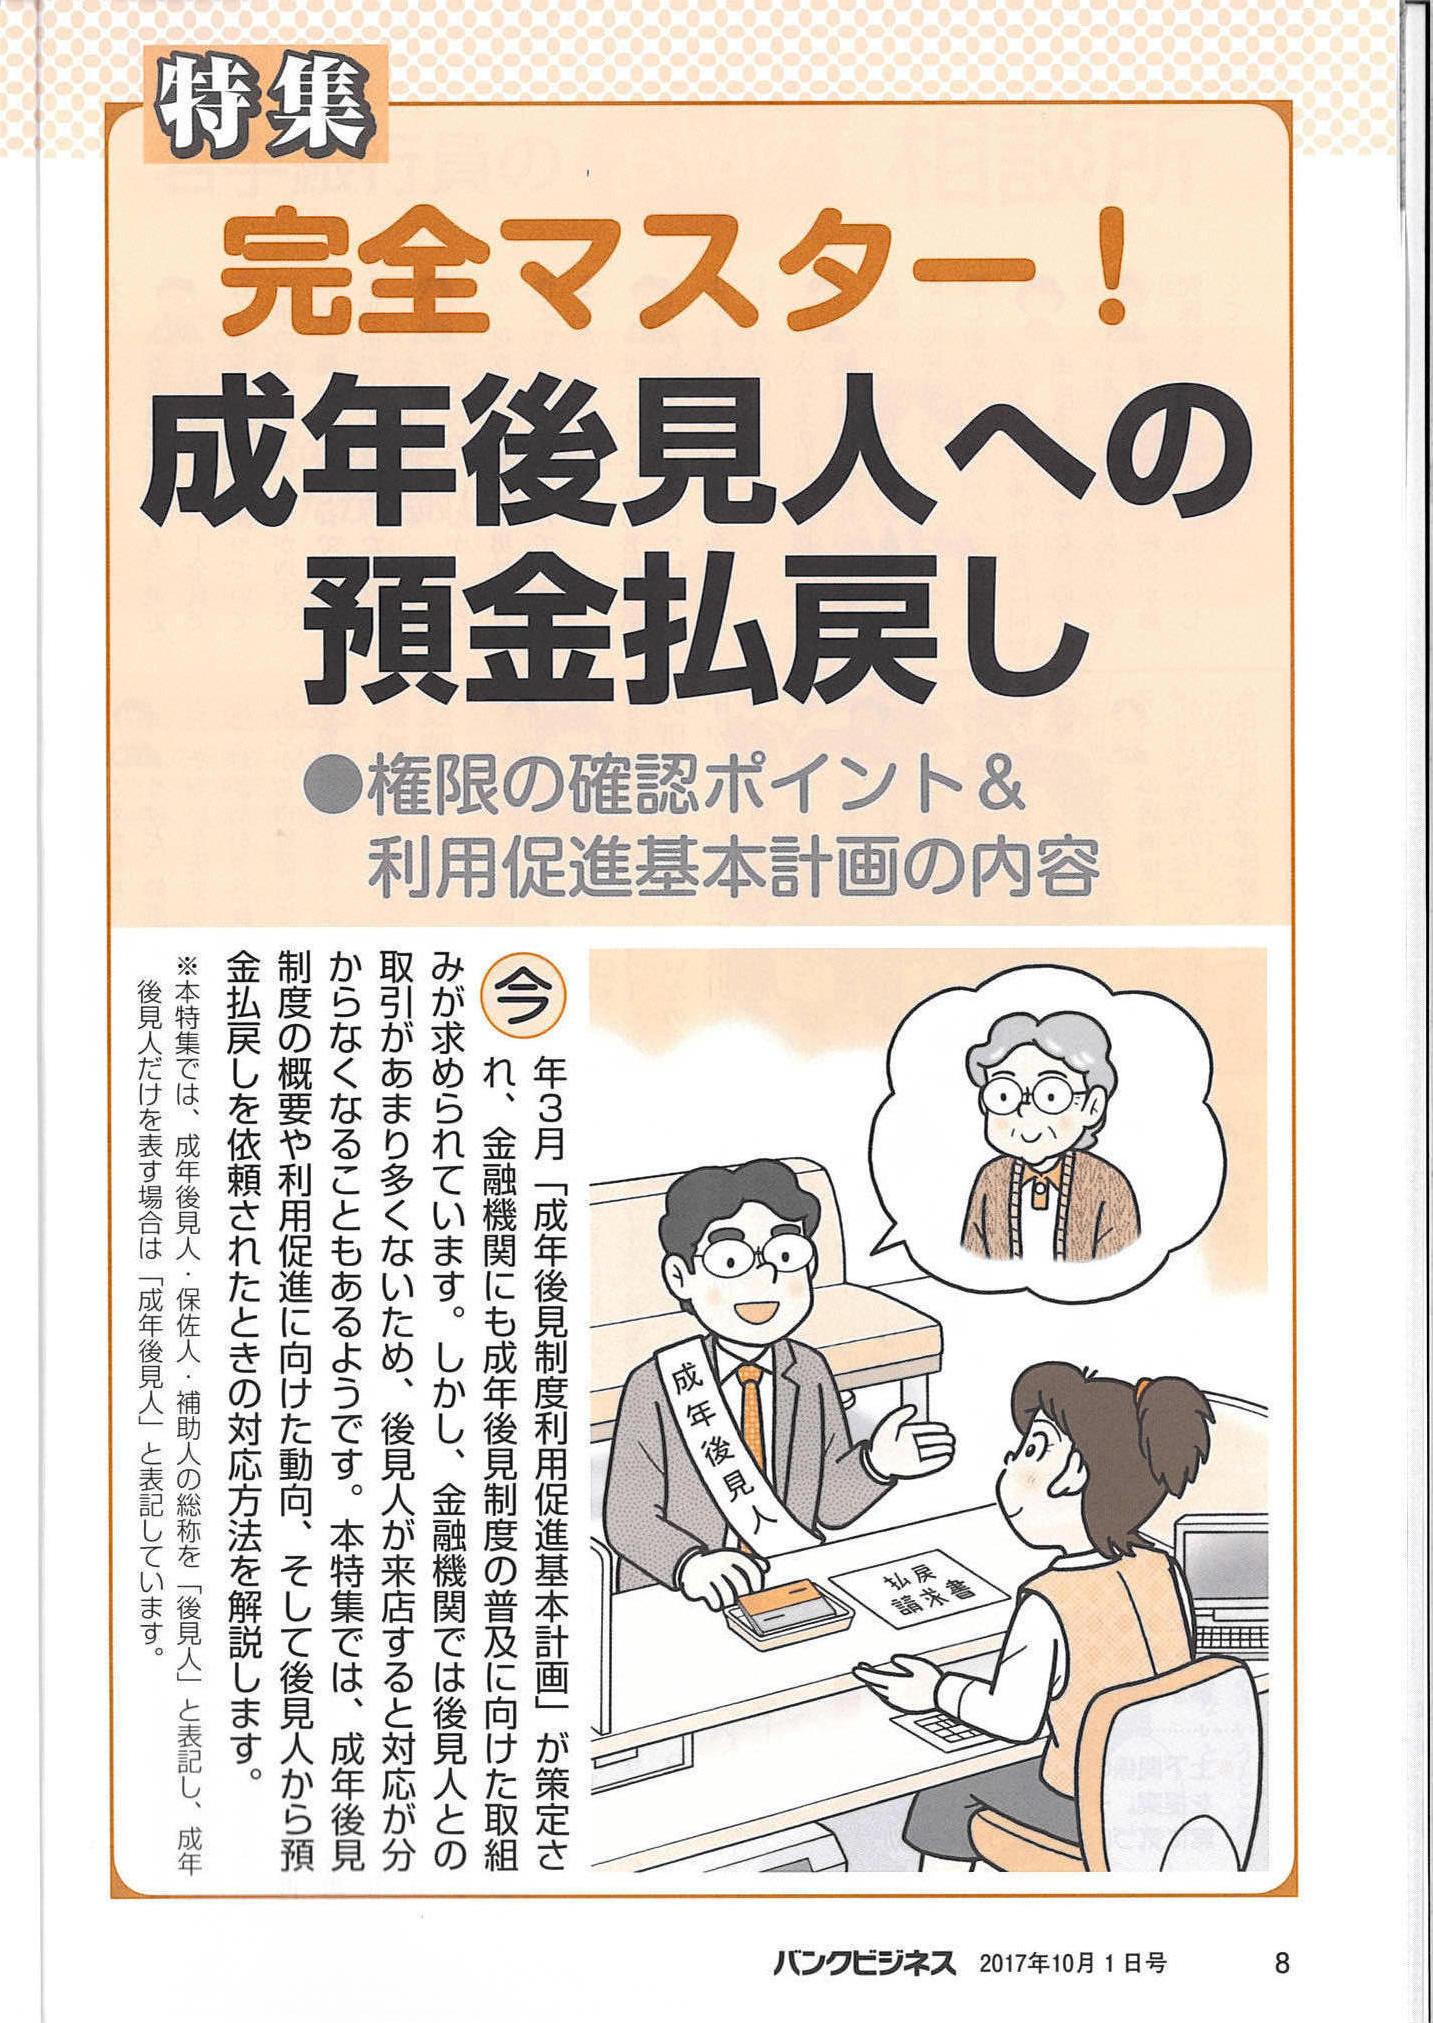 成年後見人からの払戻依頼対応に関する鈴木俊弁護士の記事が掲載されました。